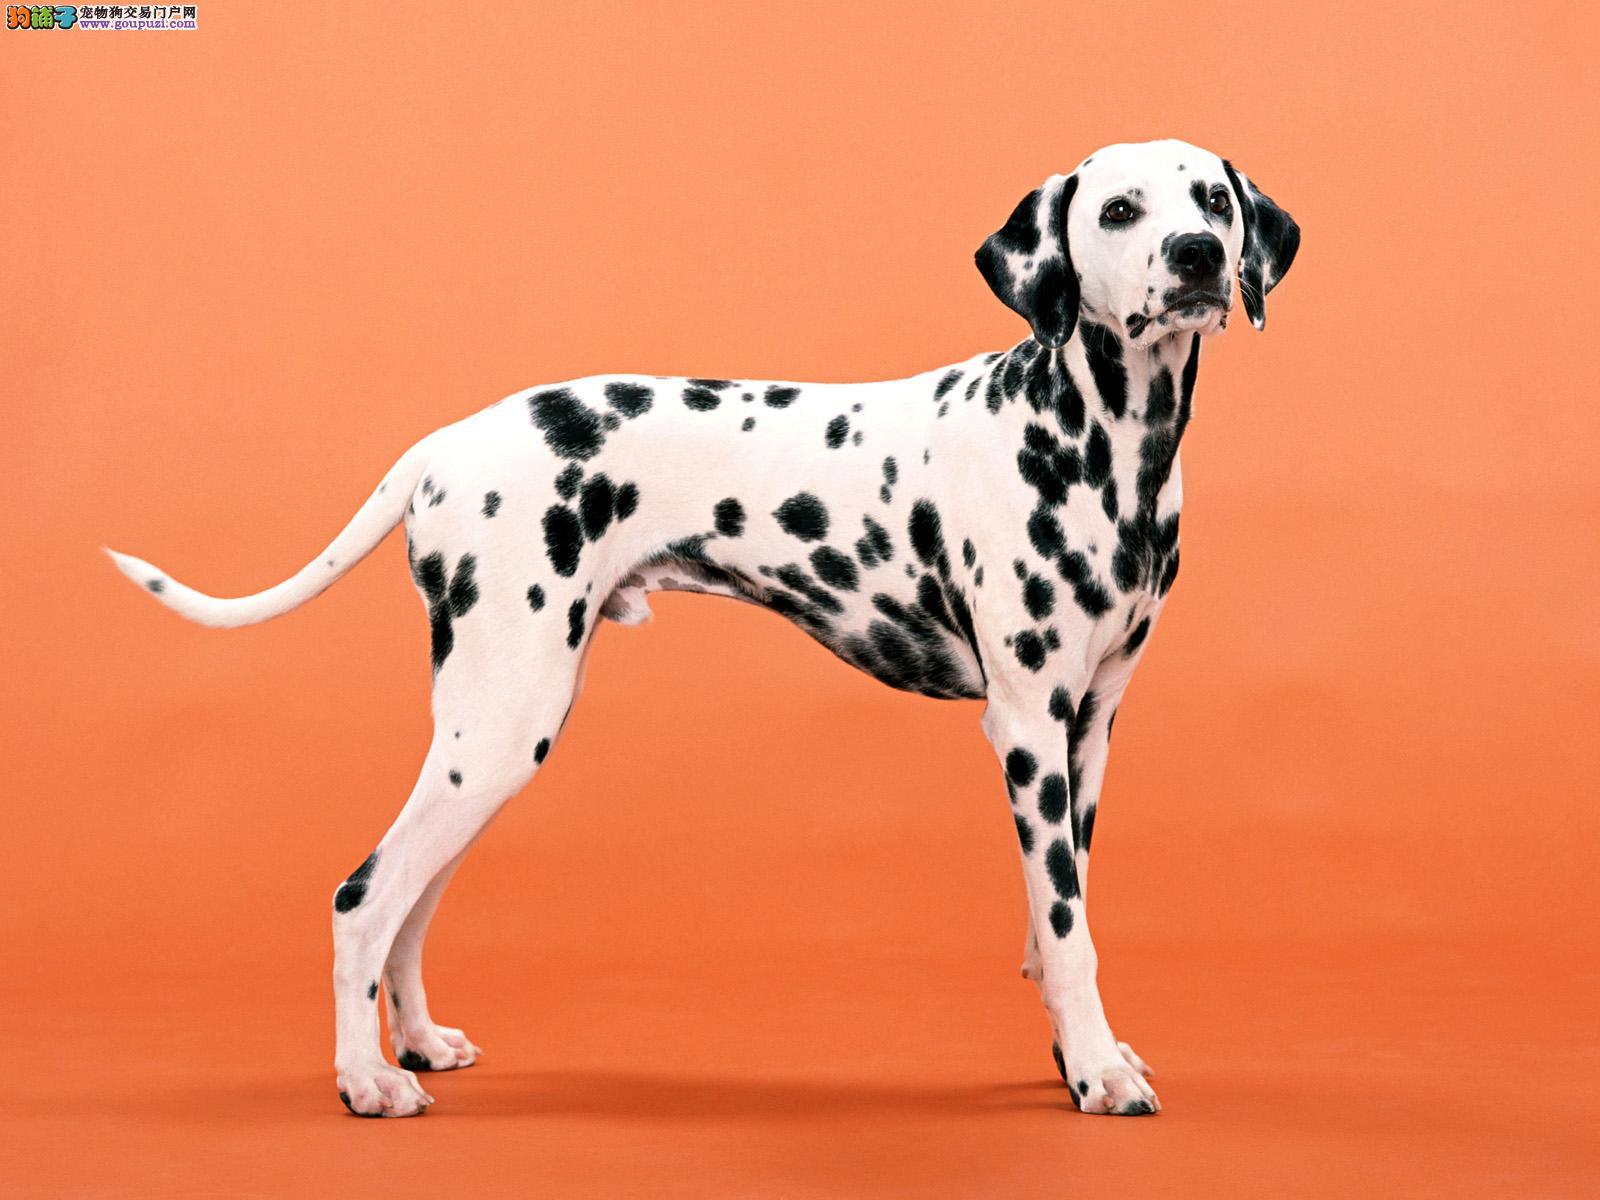 CKU认证犬业正宗斑点狗,实物拍摄,健康包三年